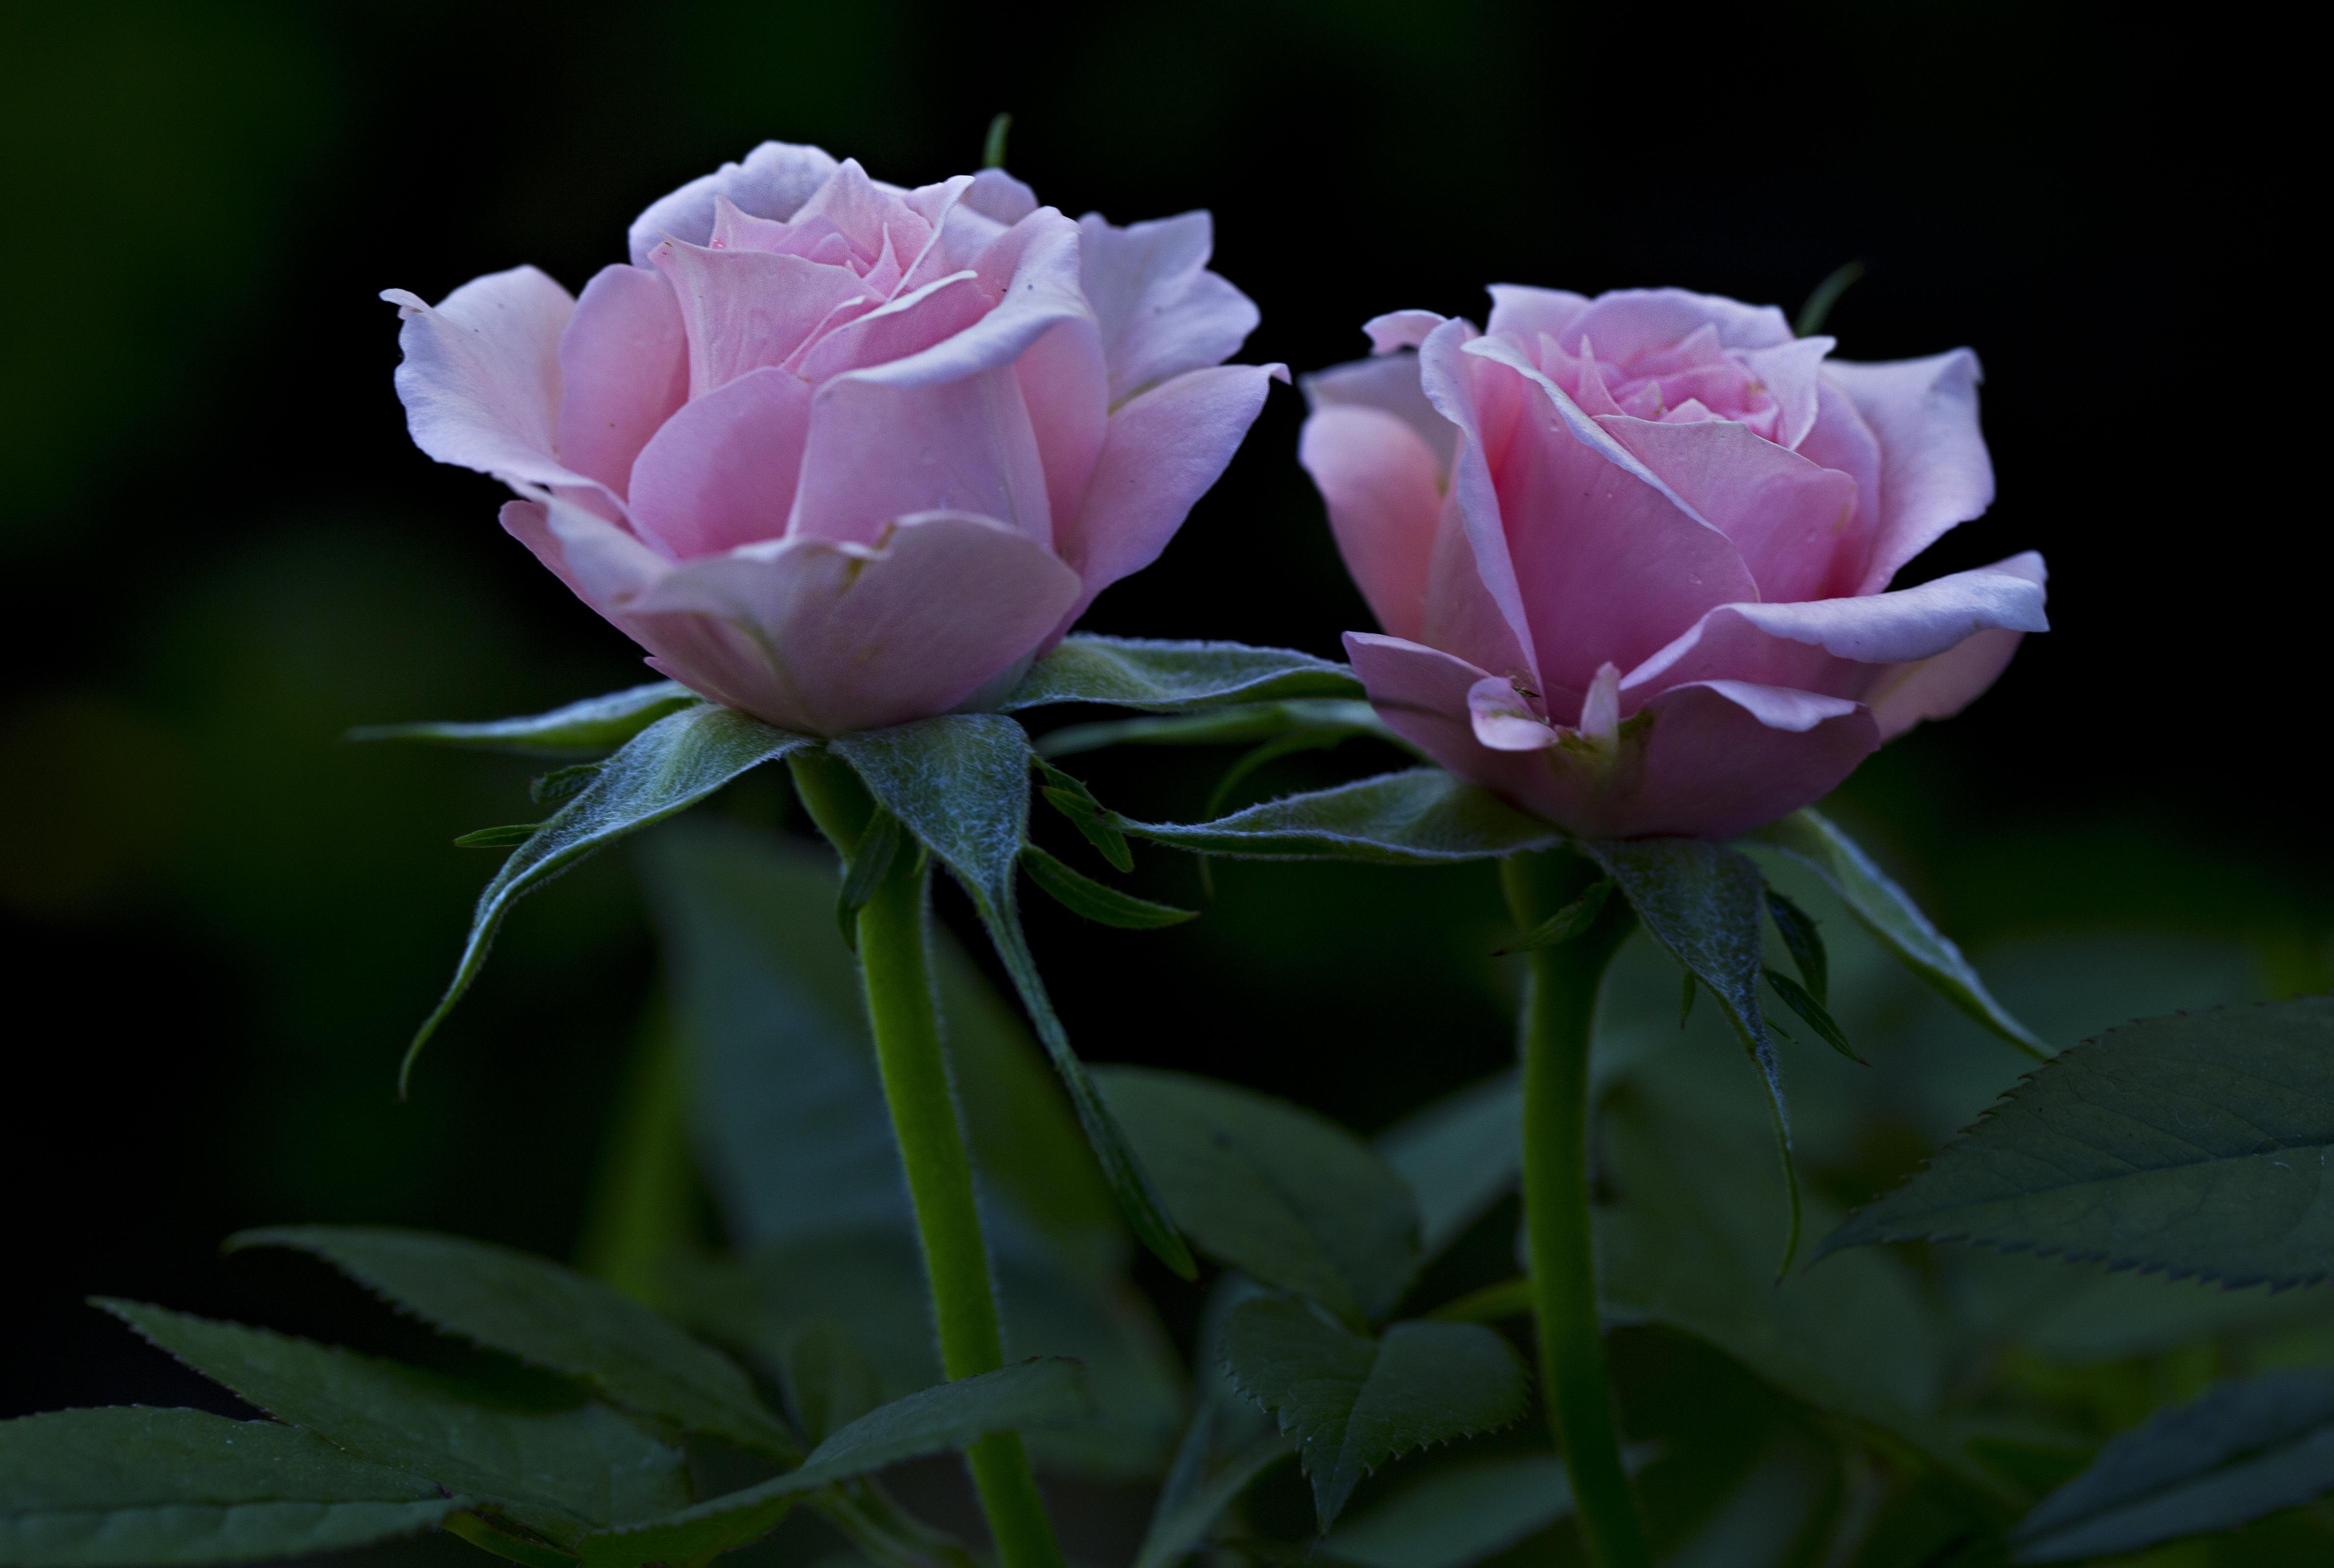 две розы картинка фото отечественный краболов истории